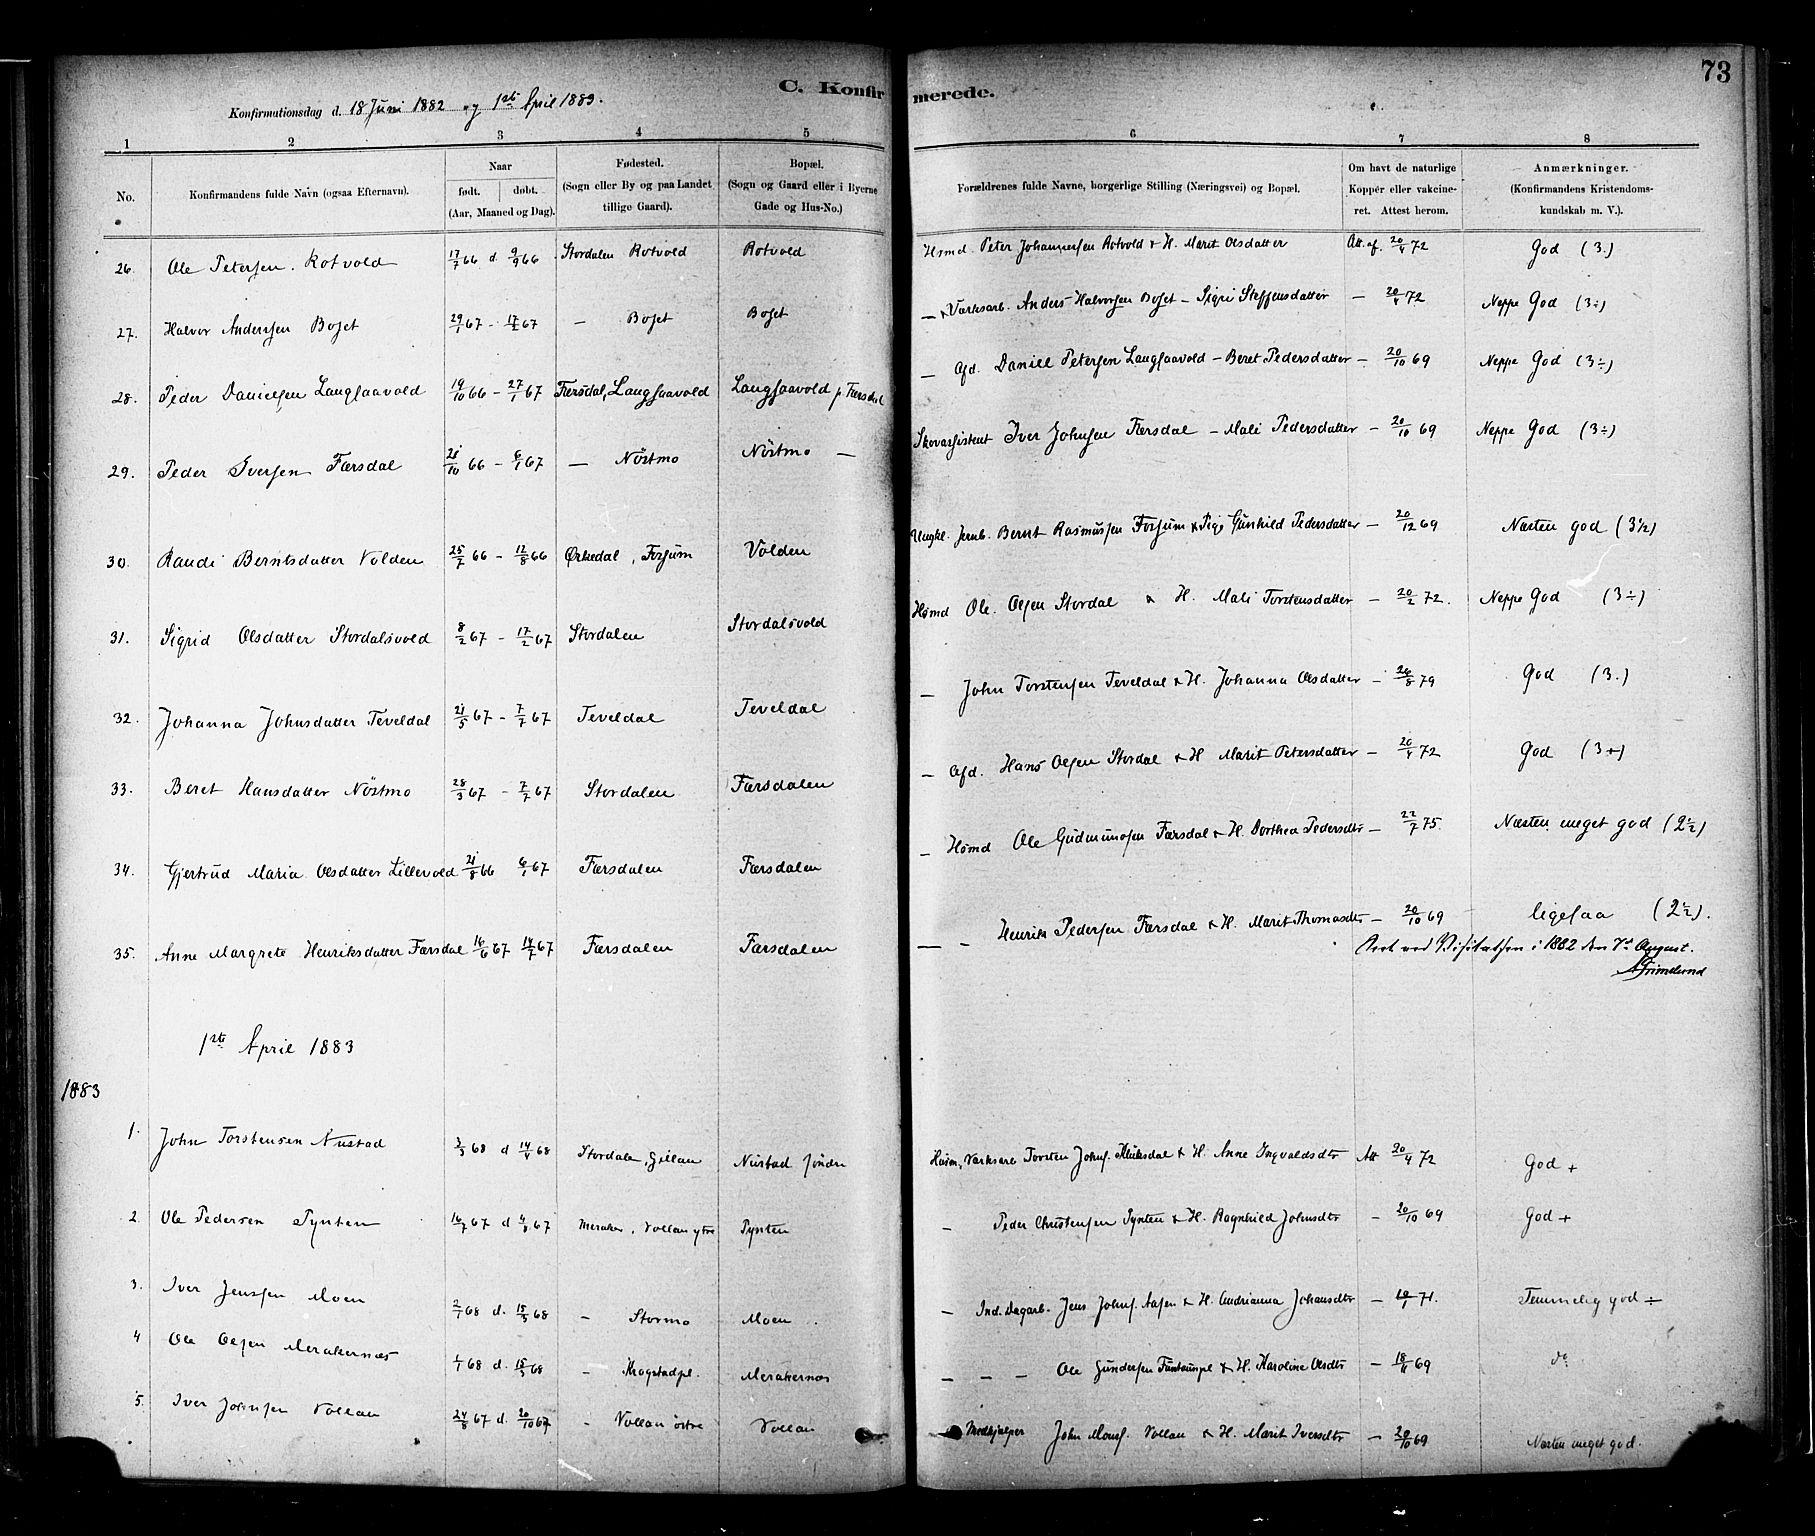 SAT, Ministerialprotokoller, klokkerbøker og fødselsregistre - Nord-Trøndelag, 706/L0047: Ministerialbok nr. 706A03, 1878-1892, s. 73